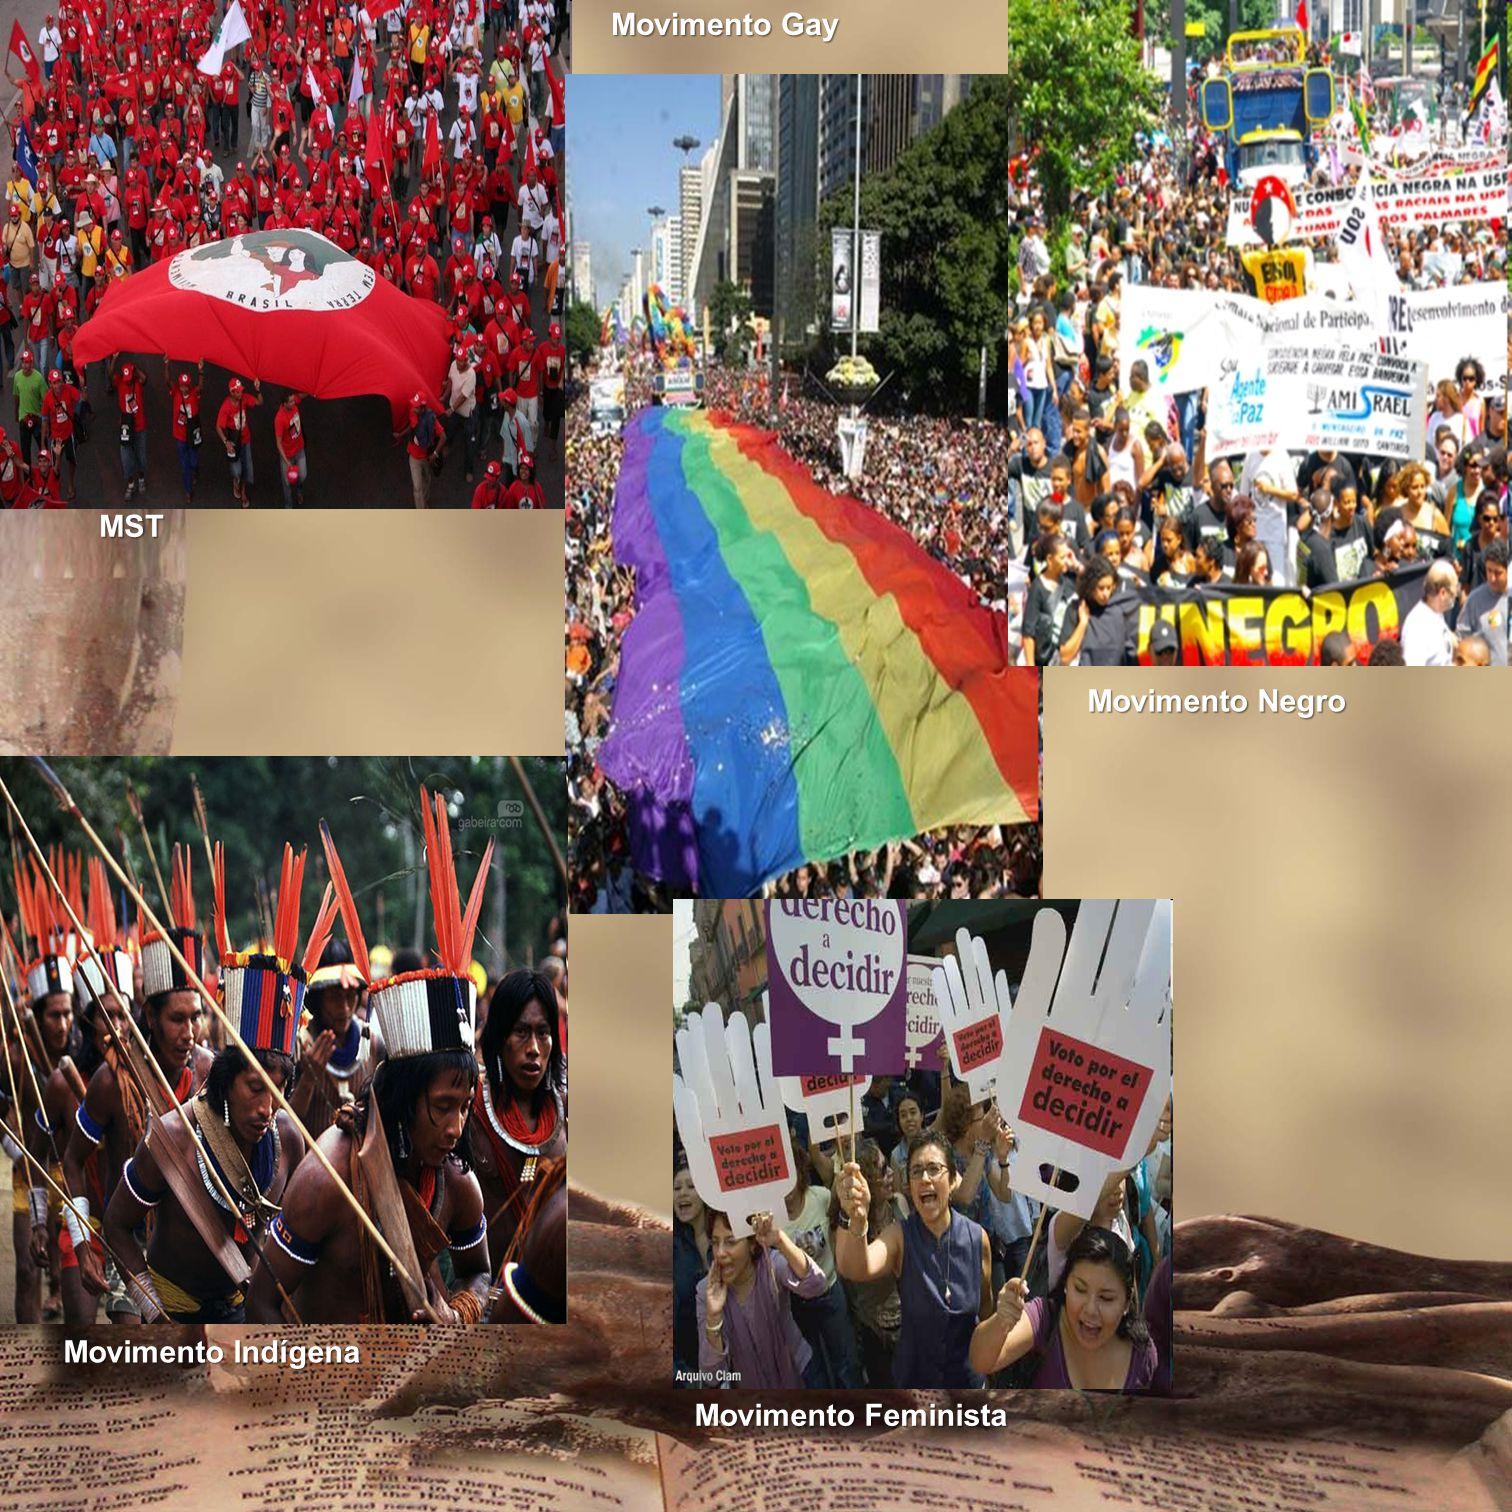 MST Movimento Gay Movimento Negro Movimento Feminista Movimento Indígena